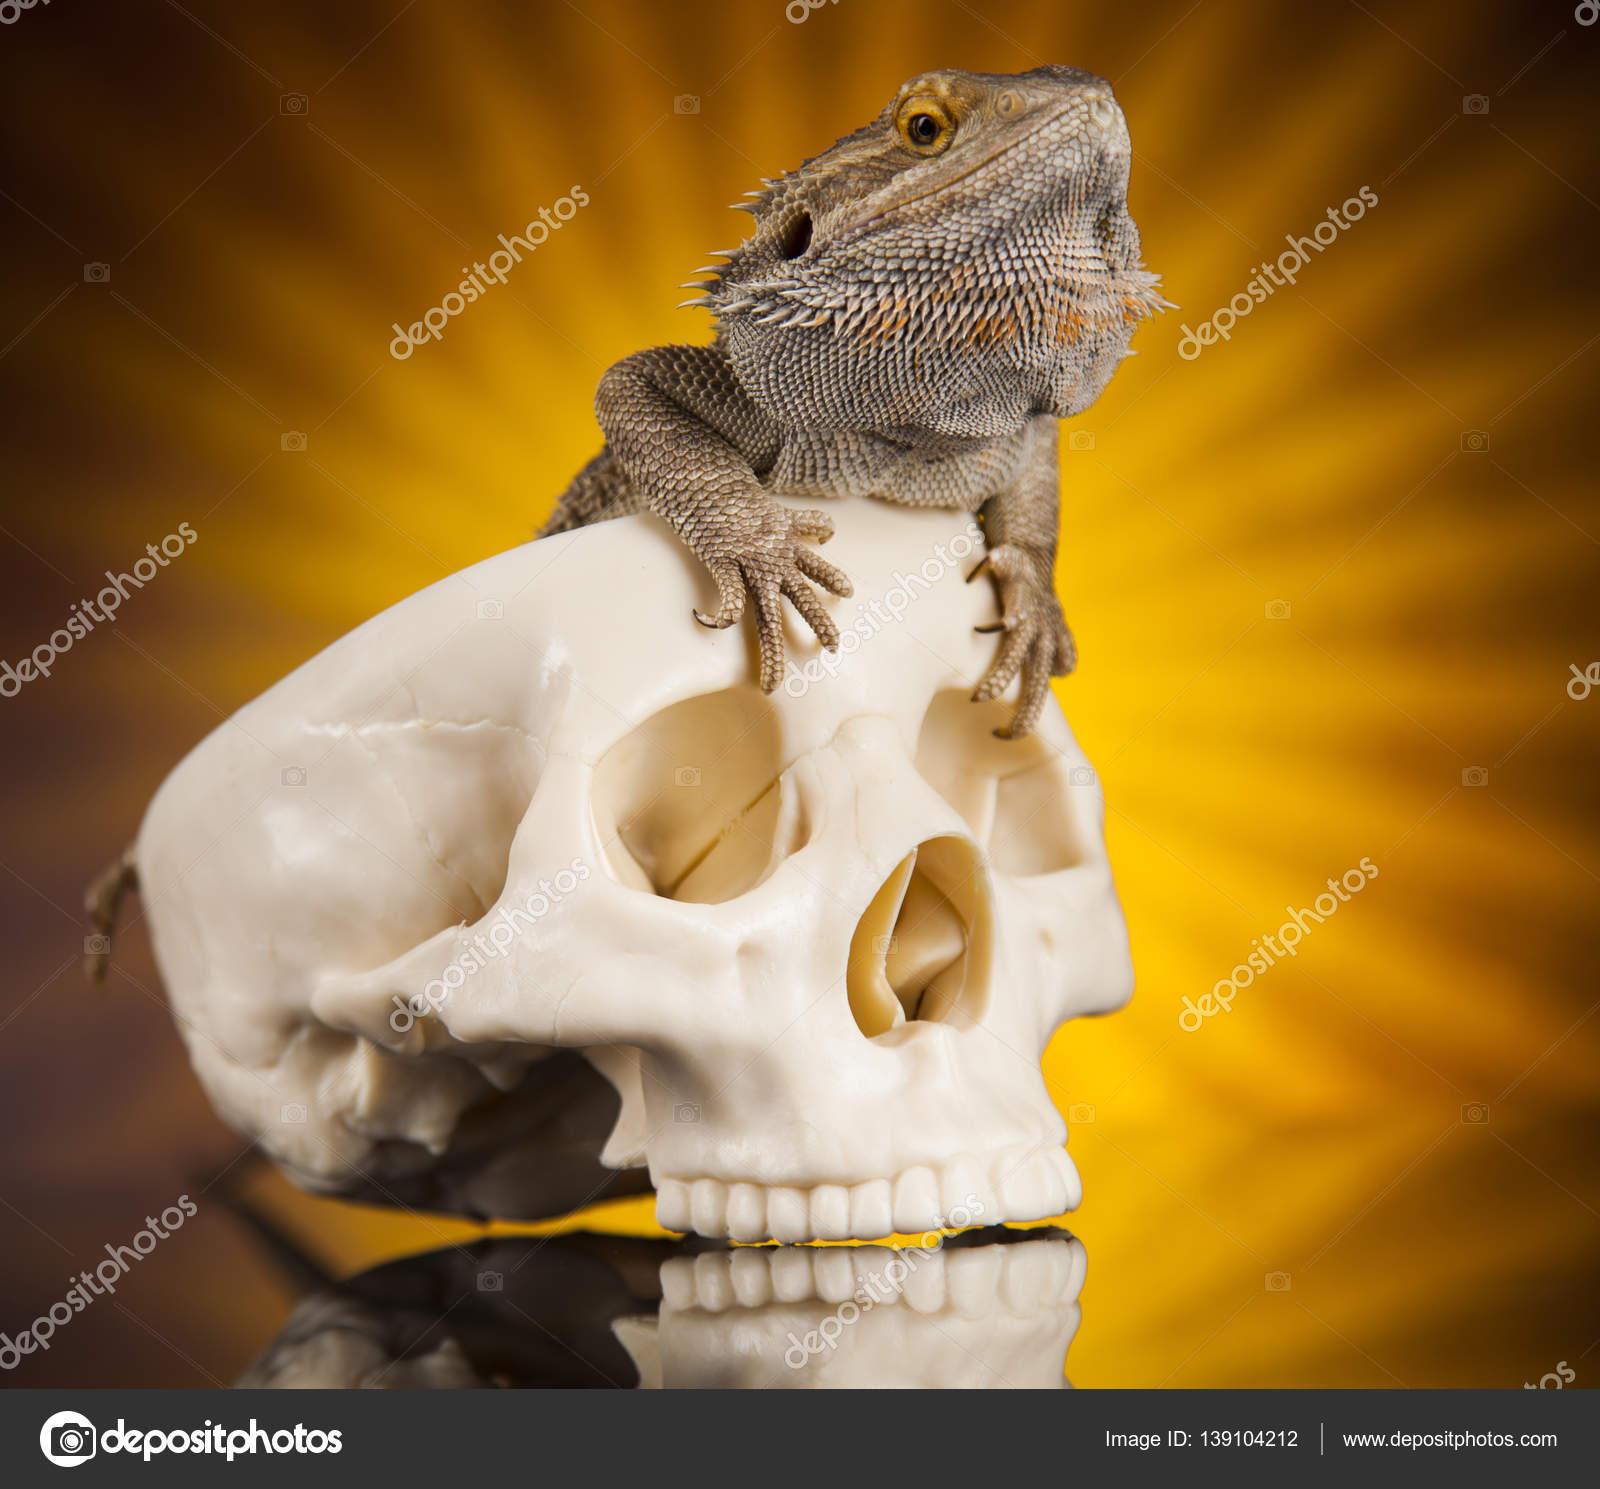 Eidechse mit menschlichen Schädel — Stockfoto © JanPietruszka #139104212